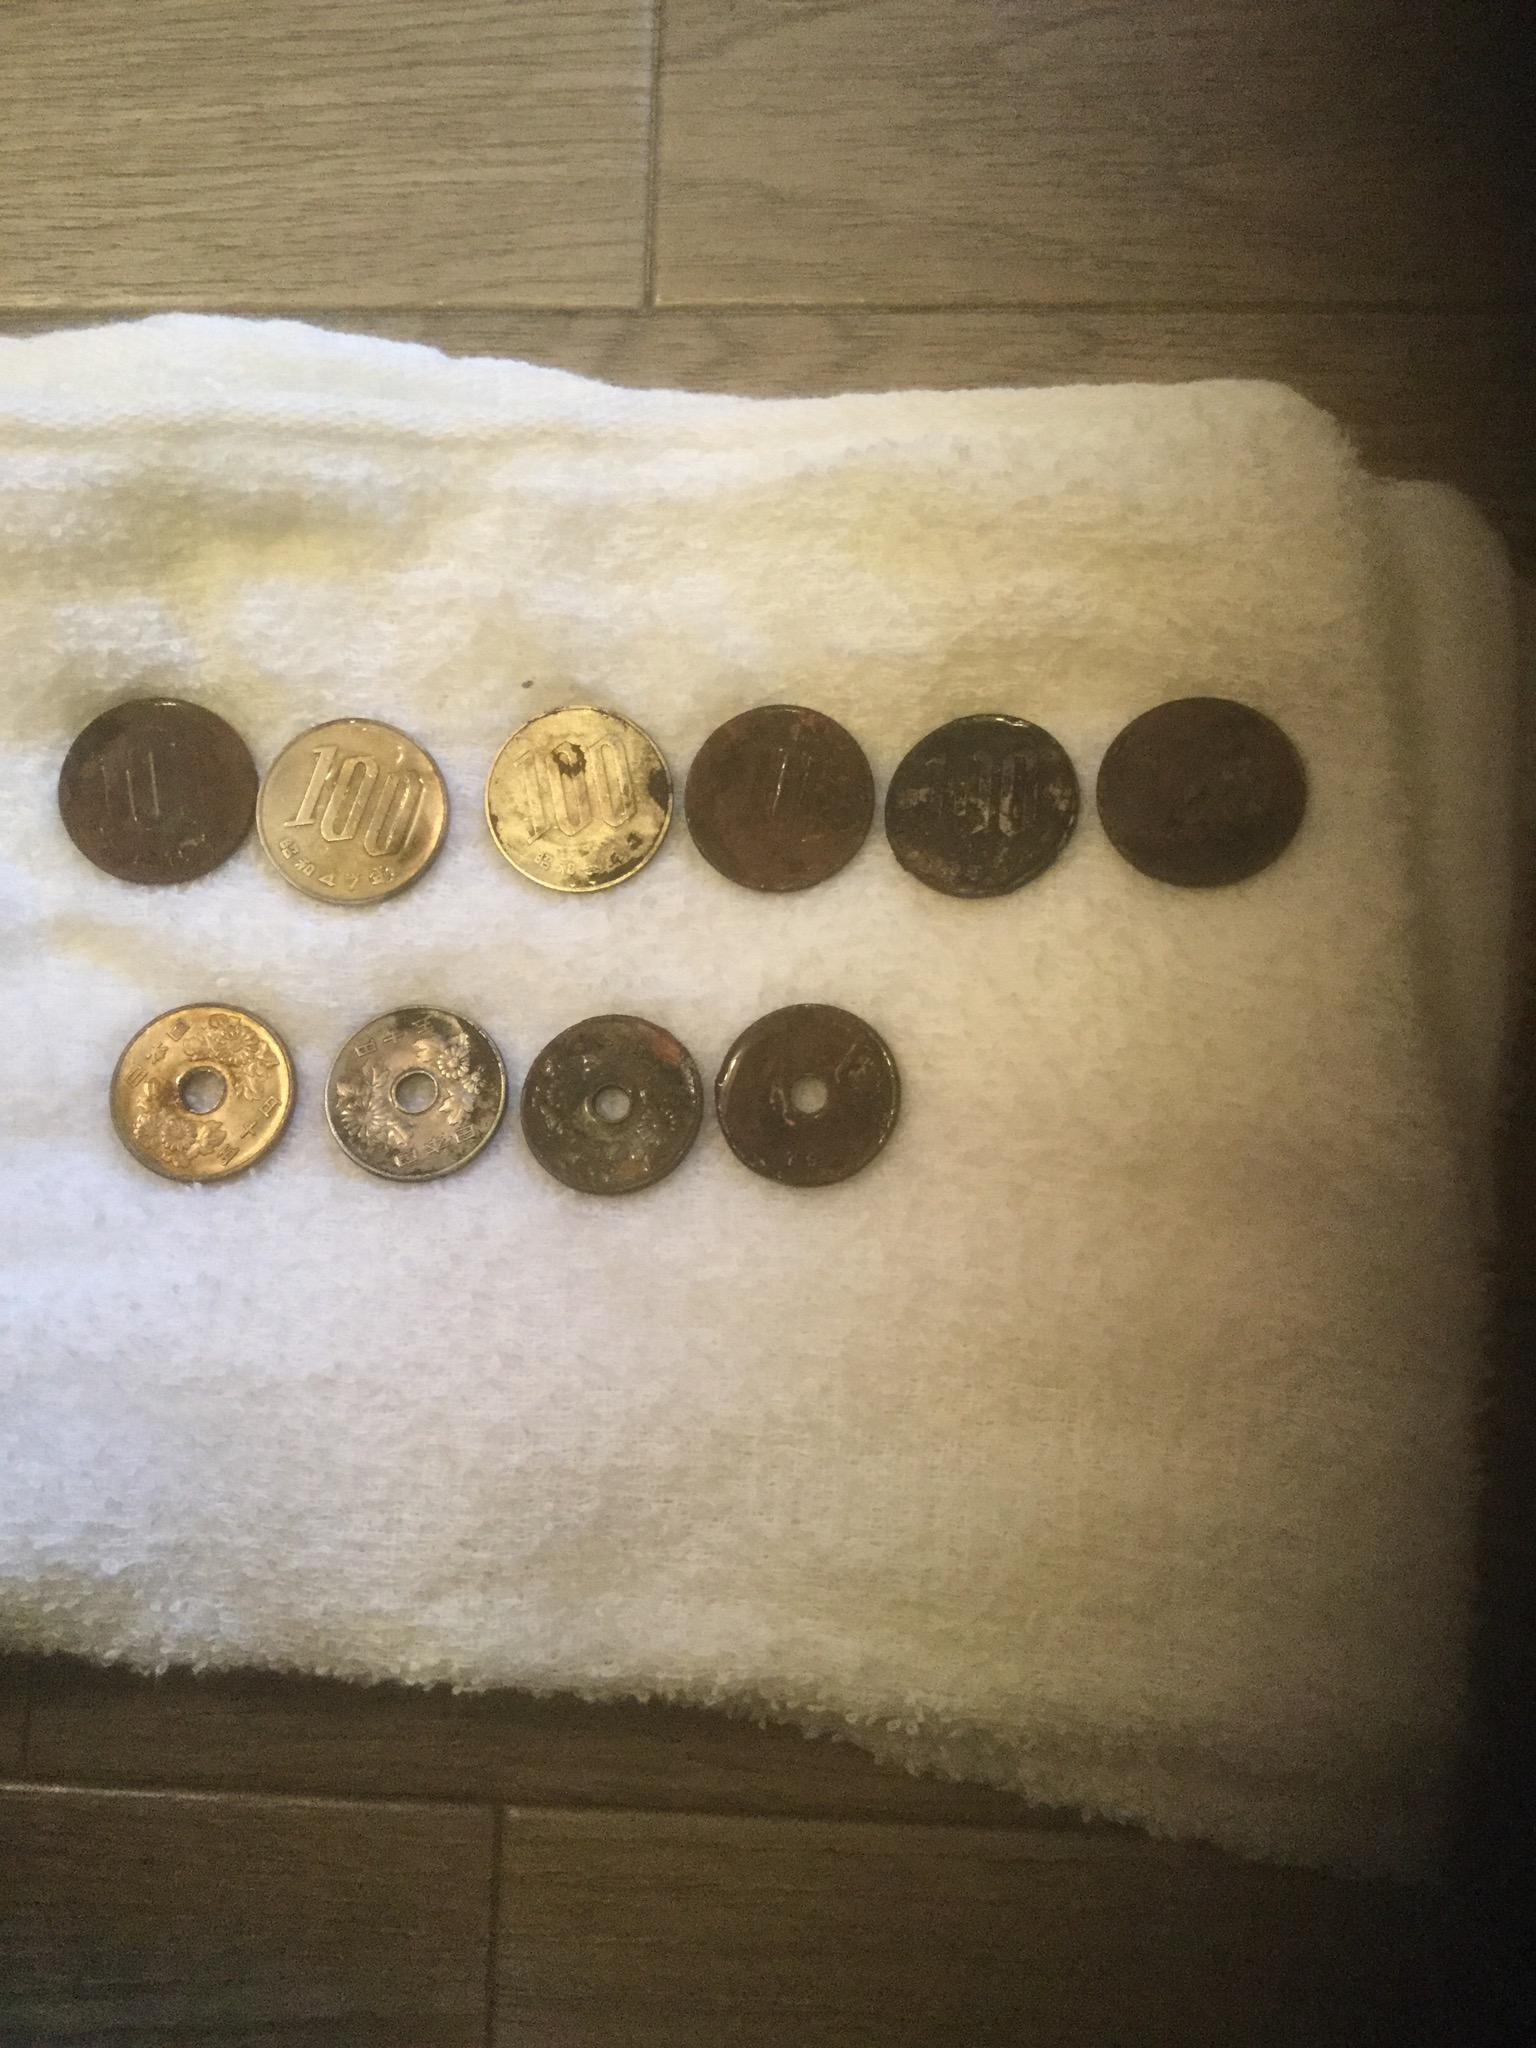 百円玉を綺麗にしたくて頑張りましたが・・・